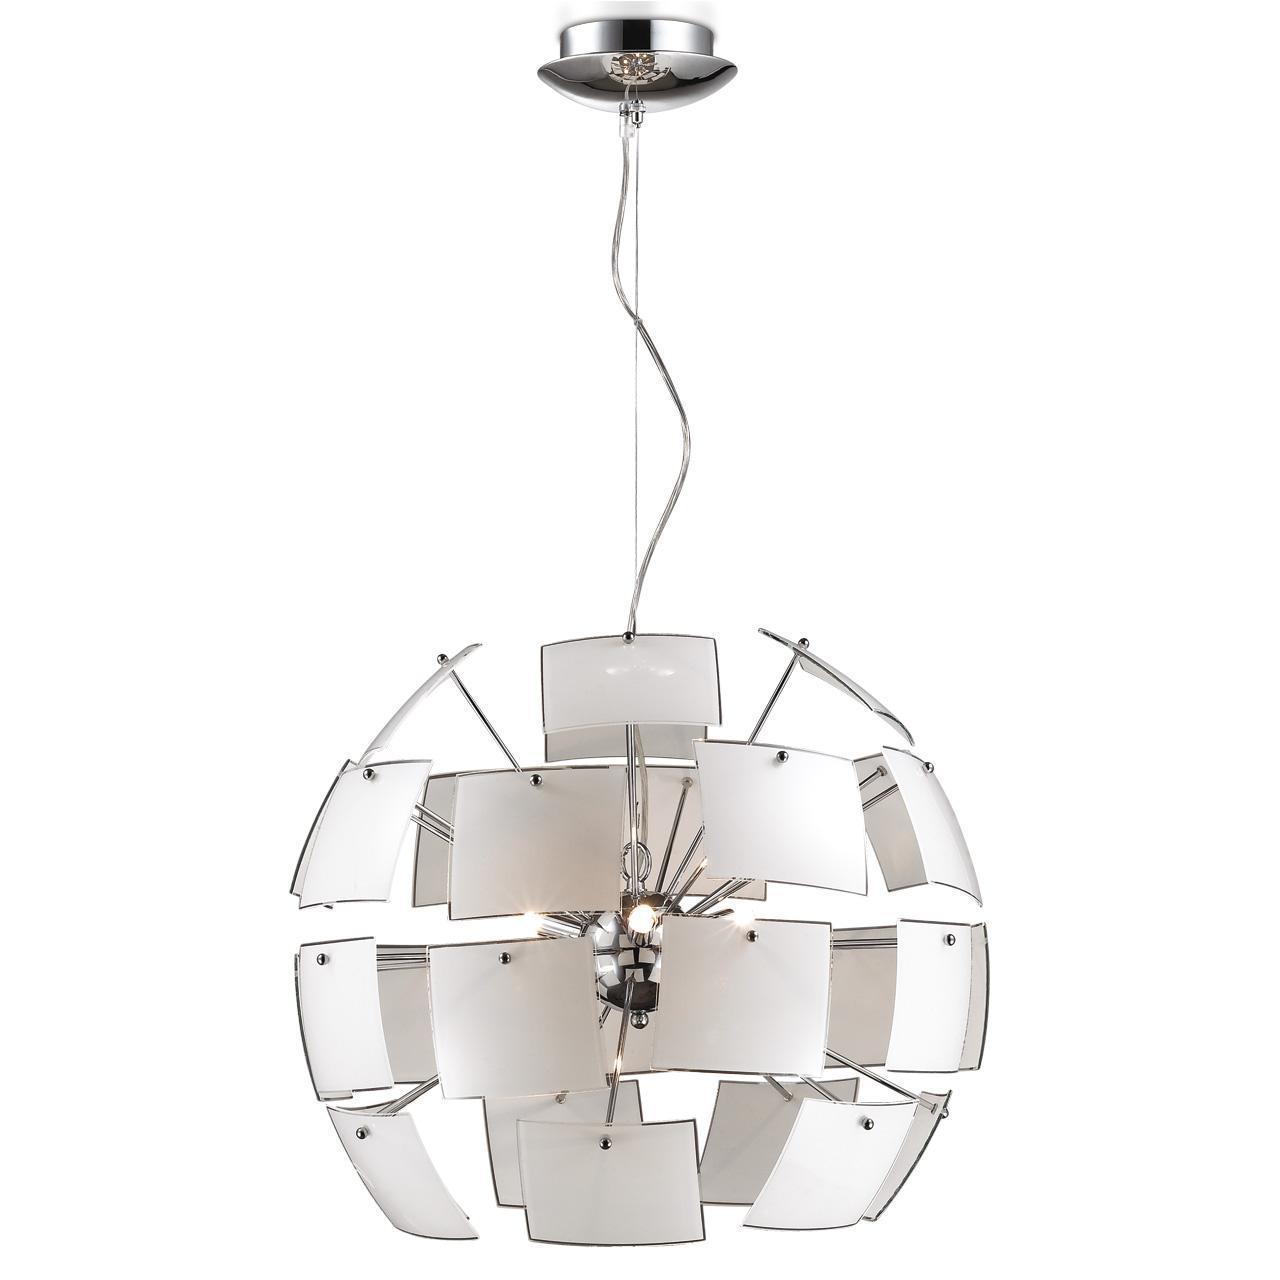 Люстра Odeon Light Vorm 2655/6 подвесная бра odeon light vorm 2655 2w